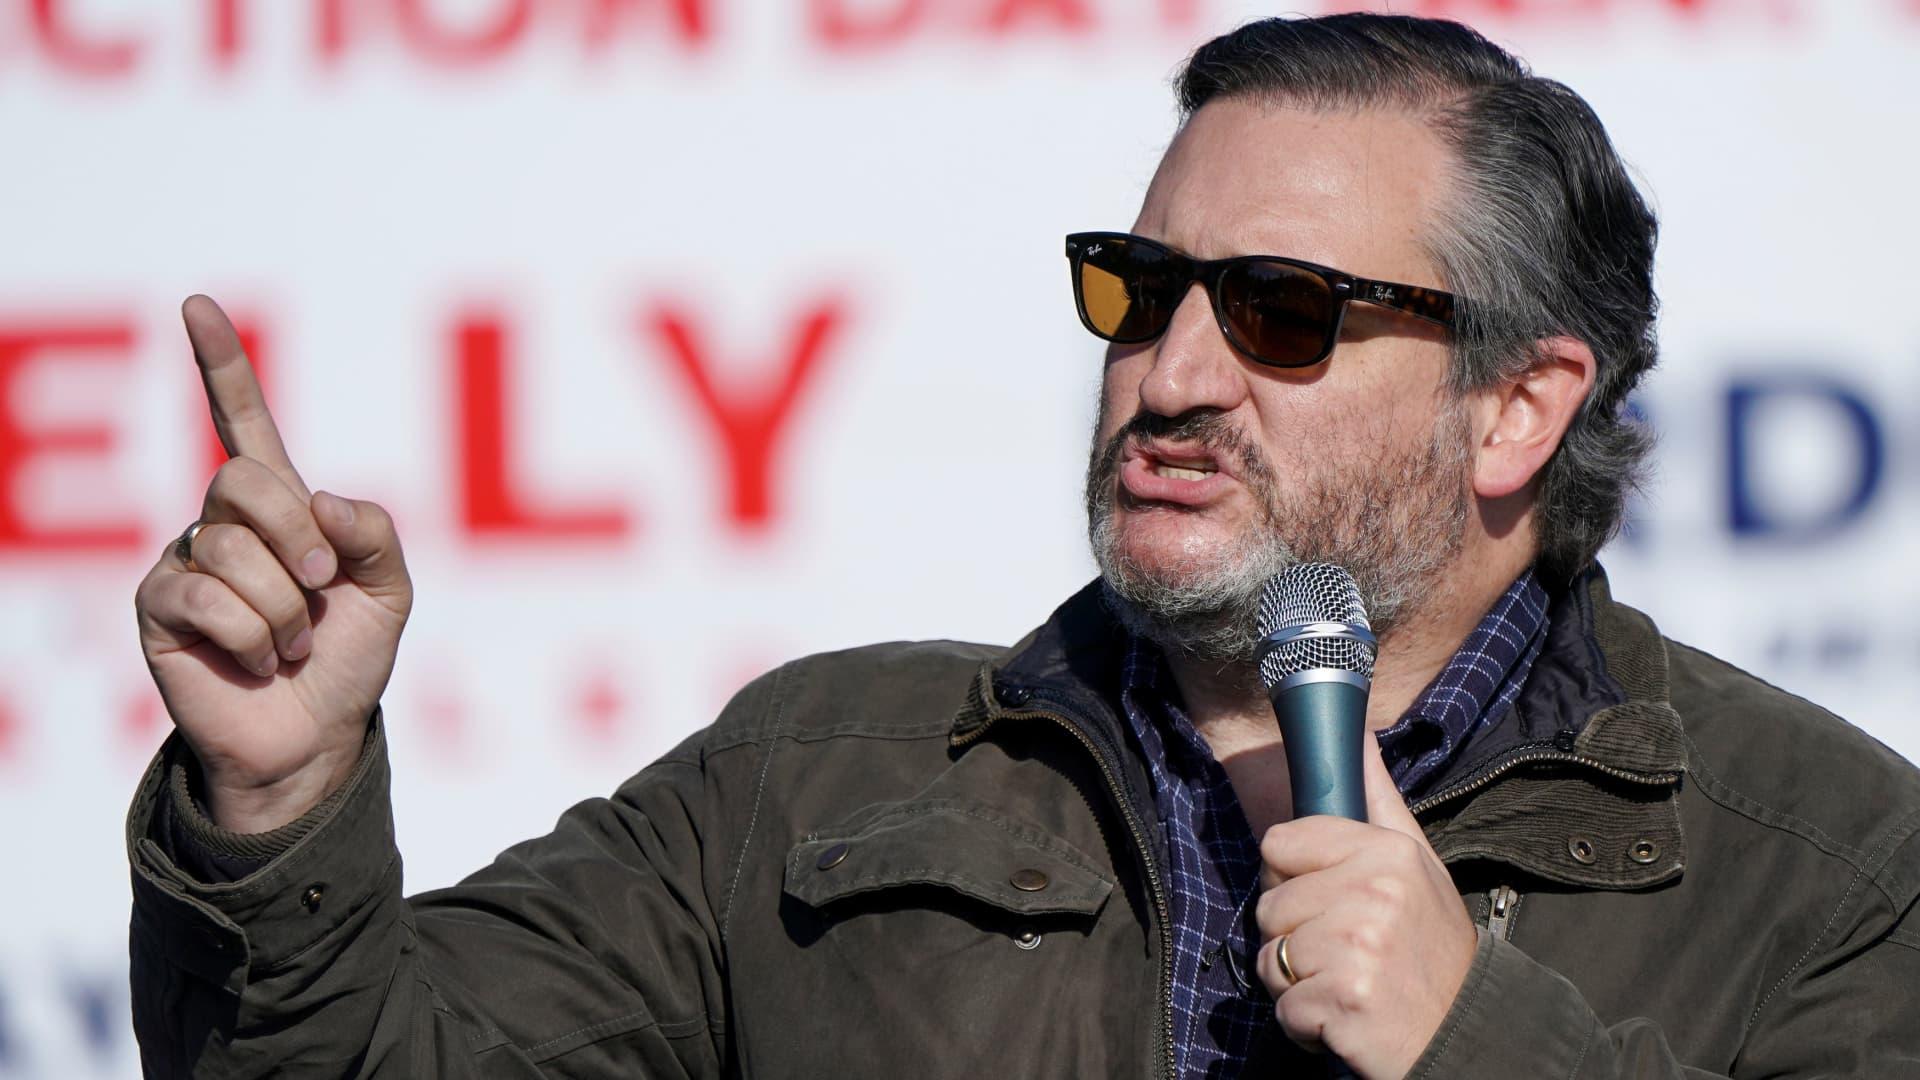 U.S. Senator Ted Cruz (R-TX) speaks at a campaign event ahead of runoff races in Georgia for control of U.S. Senate, in Cumming, Georgia, U.S., January 2, 2021.